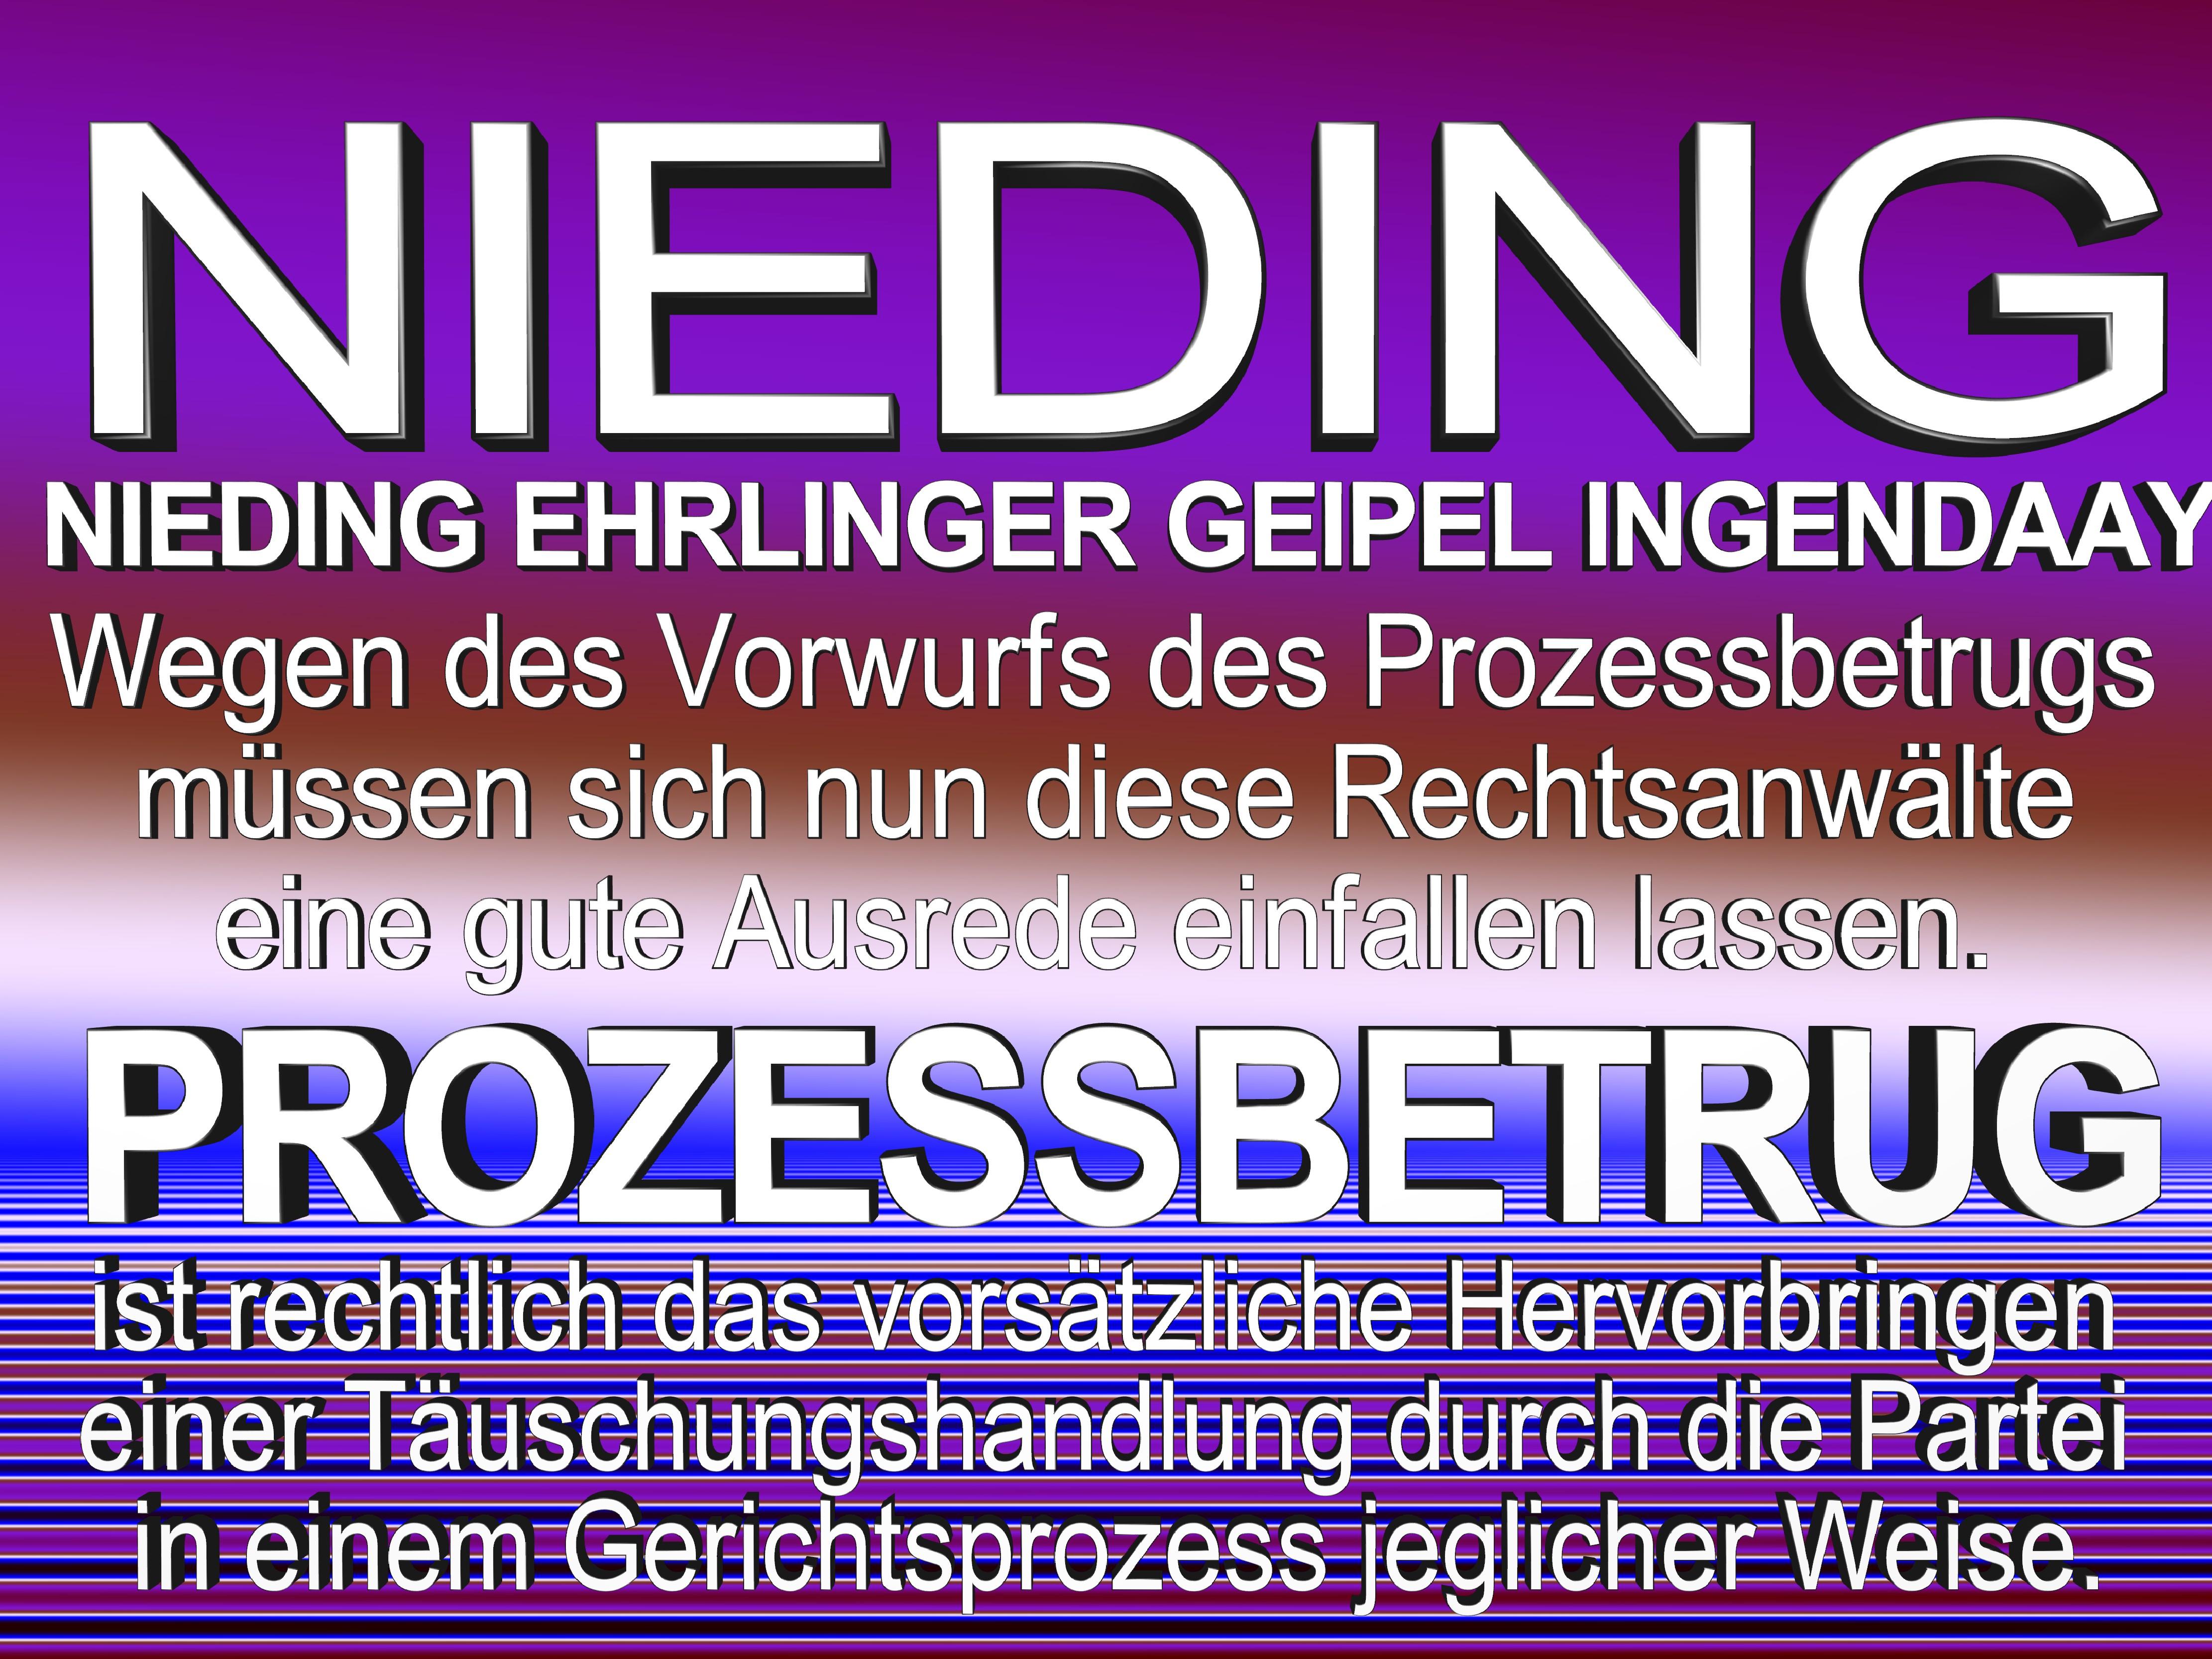 NIEDING EHRLINGER GEIPEL INGENDAAY LELKE Kurfürstendamm 66 Berlin (55)